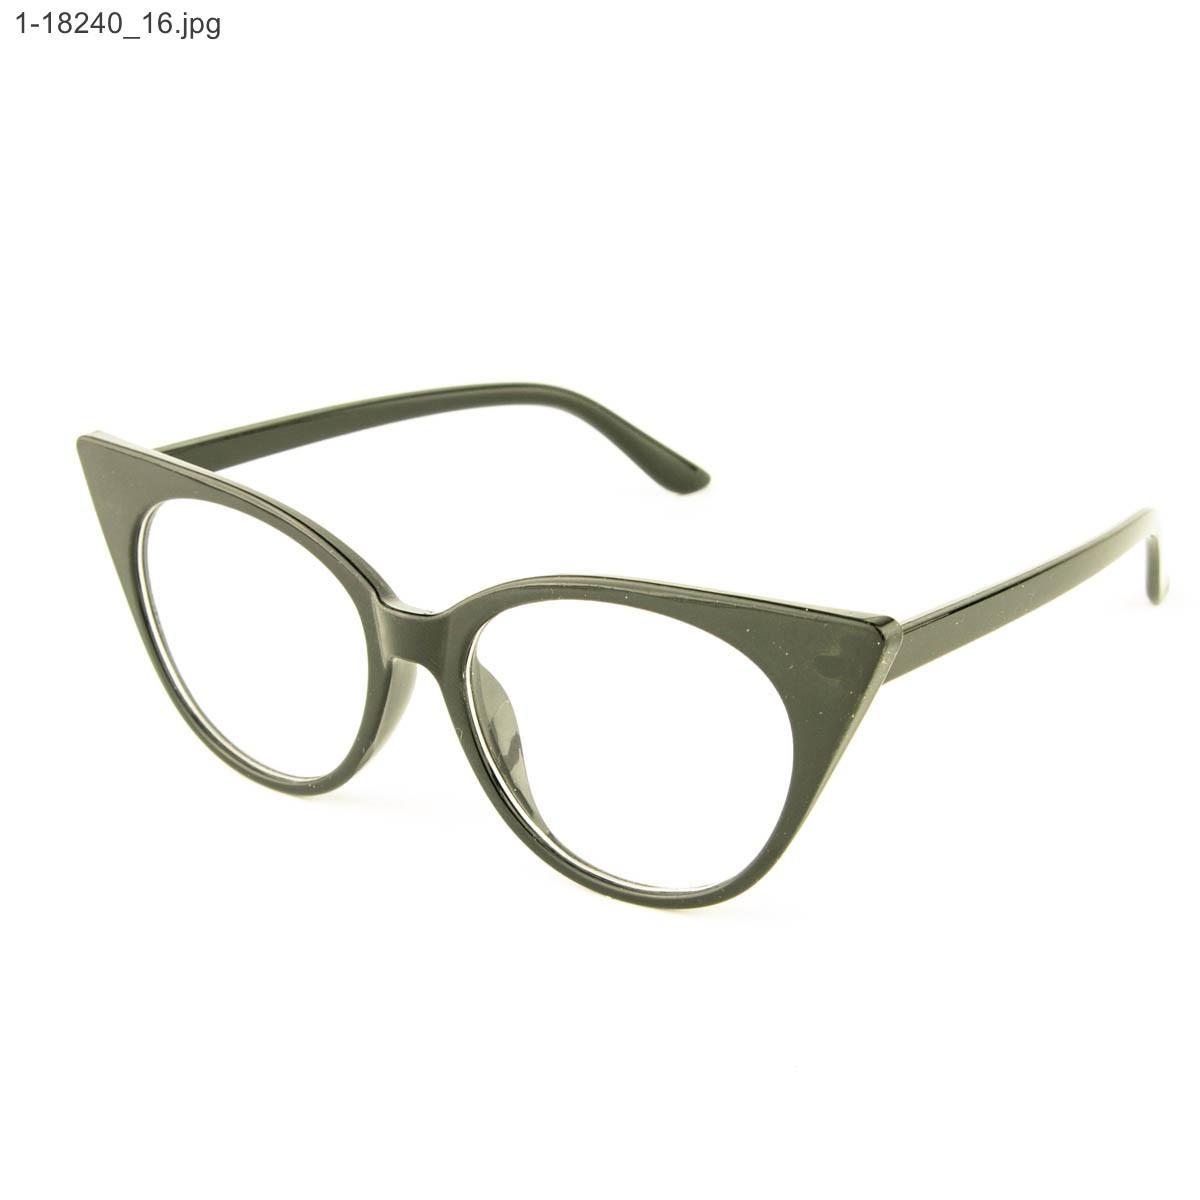 Оптом имиджевые женские очки кошачий глаз - Черные - 1-18240